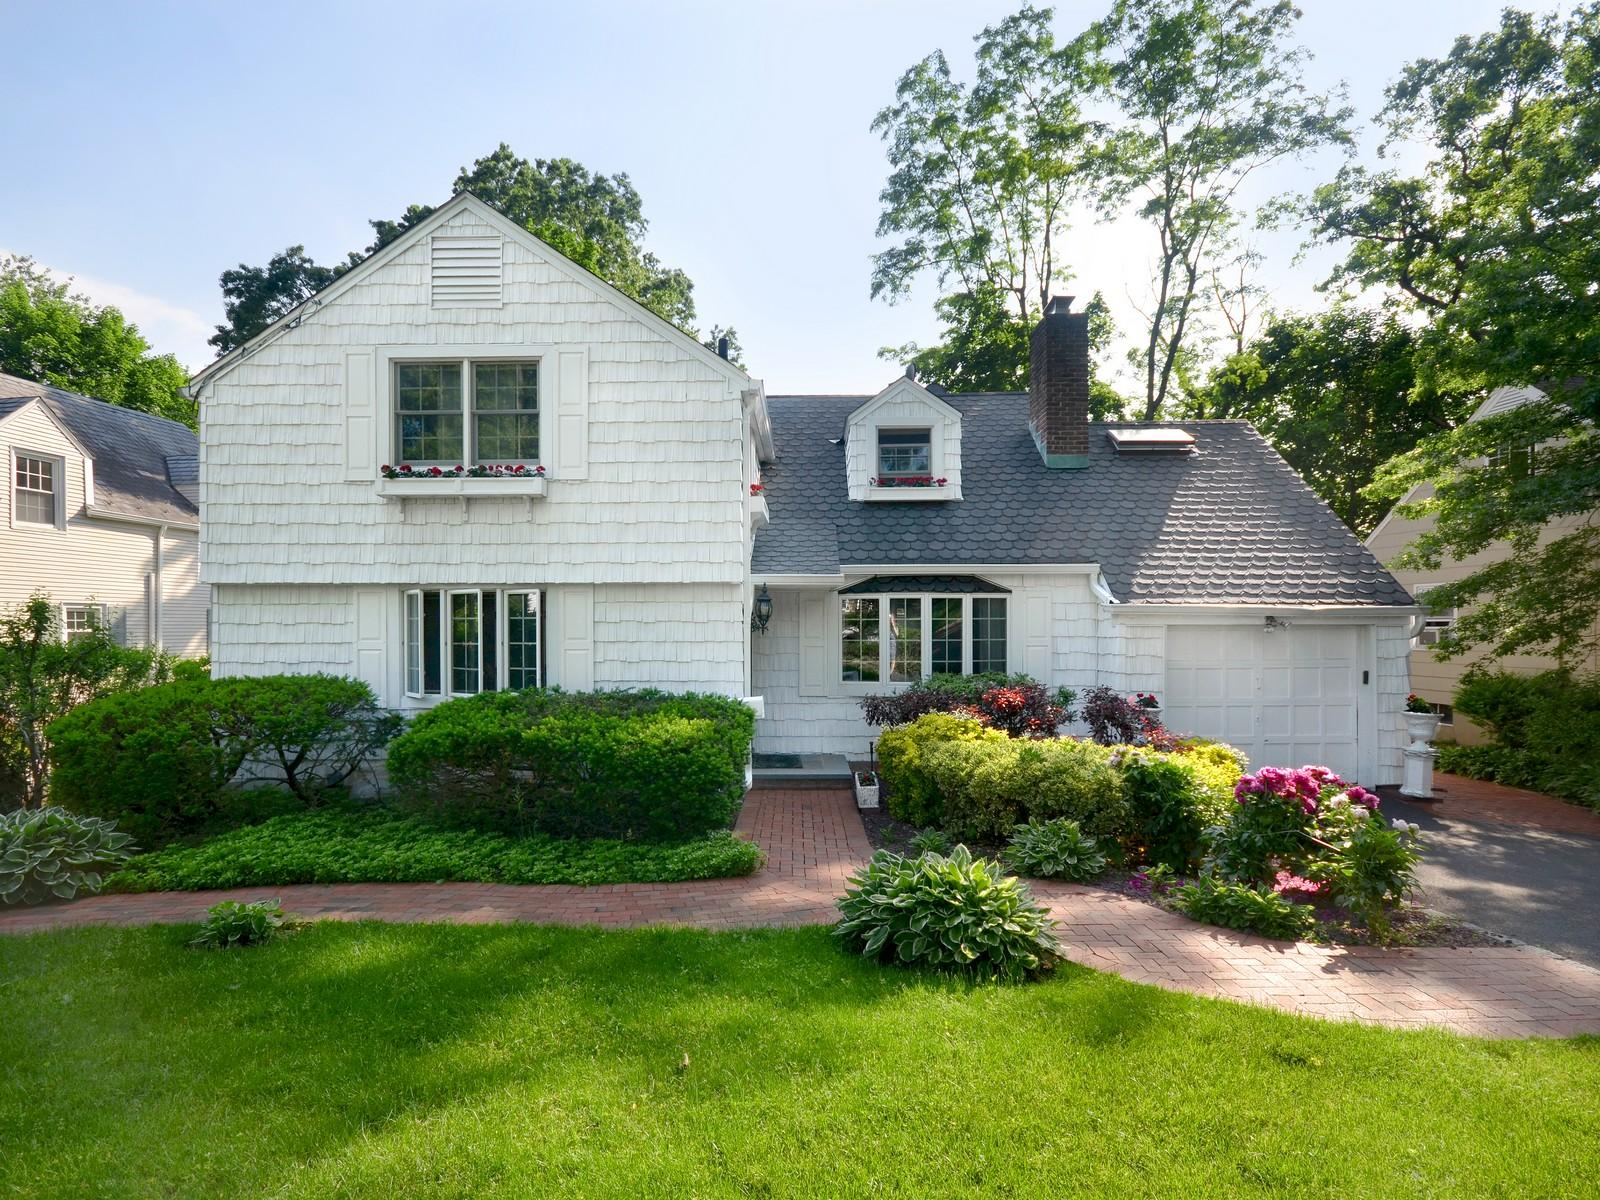 Villa per Vendita alle ore Colonial 11 Briarcliff Dr Port Washington, New York, 11050 Stati Uniti